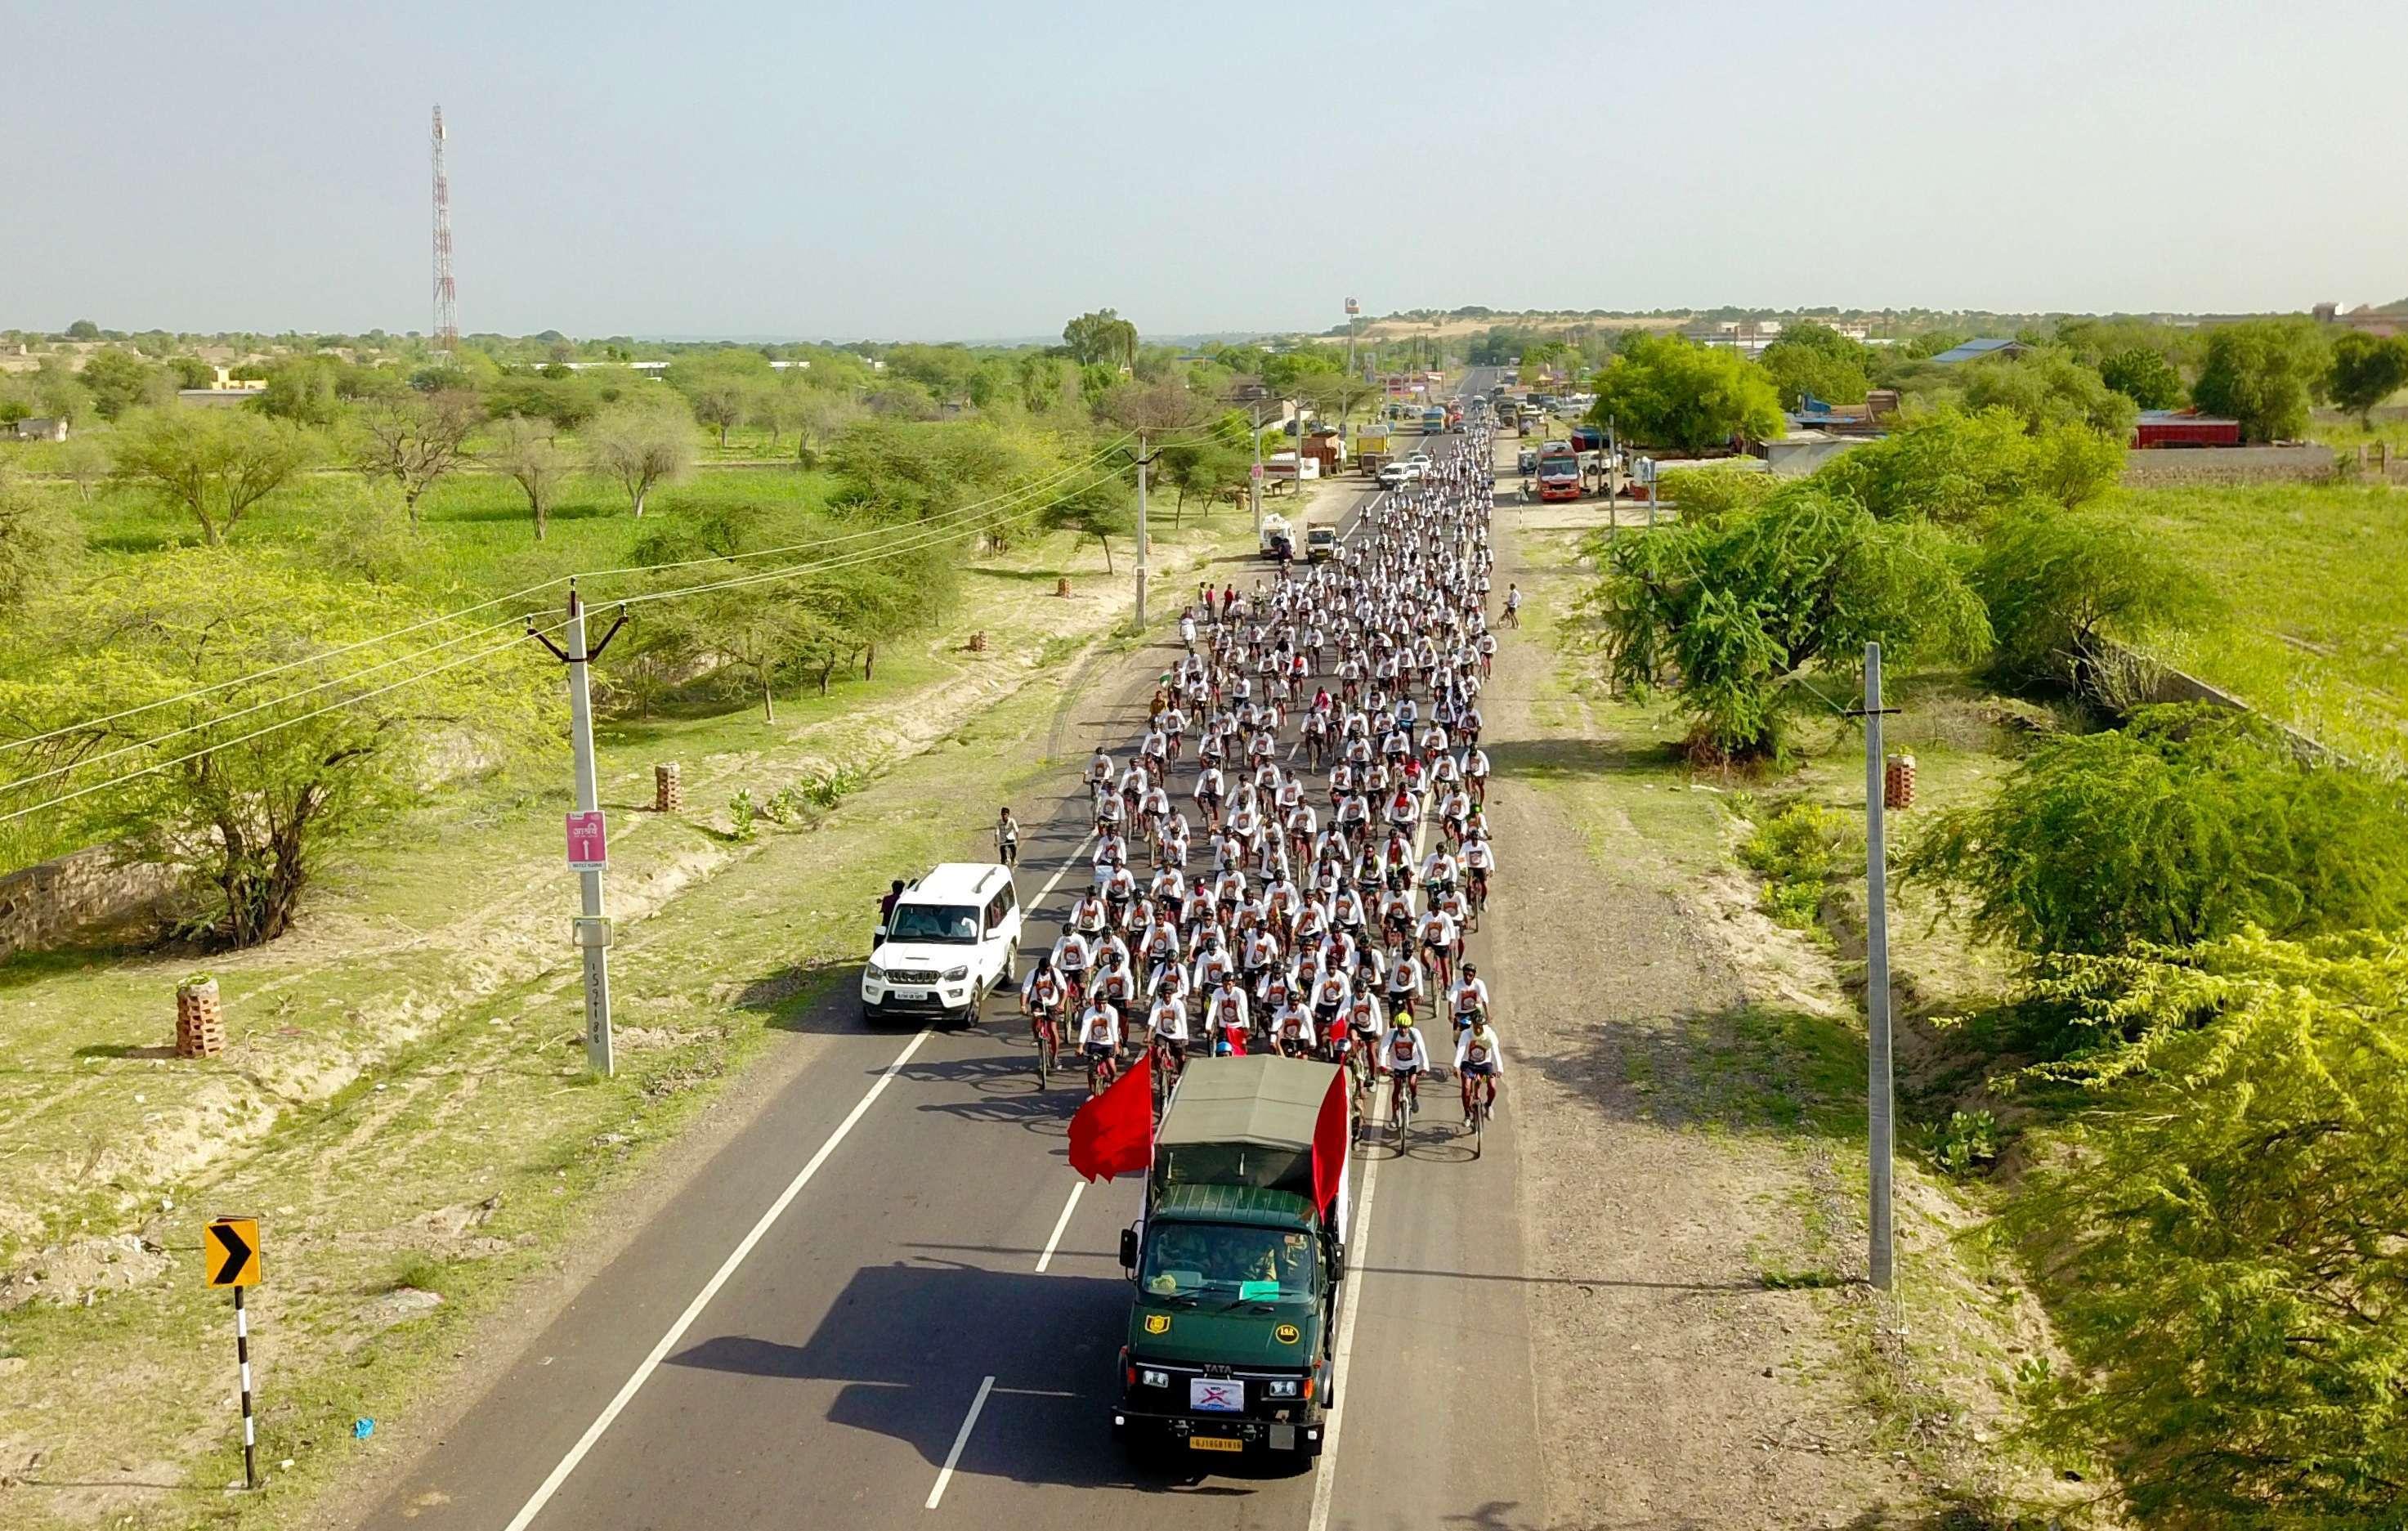 बाड़मेर. महात्मा गांधी की 150वीं जन्मतिथि पर केन्द्रीय अर्धसैनिक बलों की ओर से नशामुक्ति, स्वच्छता एवं अहिंसा को लेकर निकली साइकिल रैली सोमवार को बाड़मेर पहुंची।